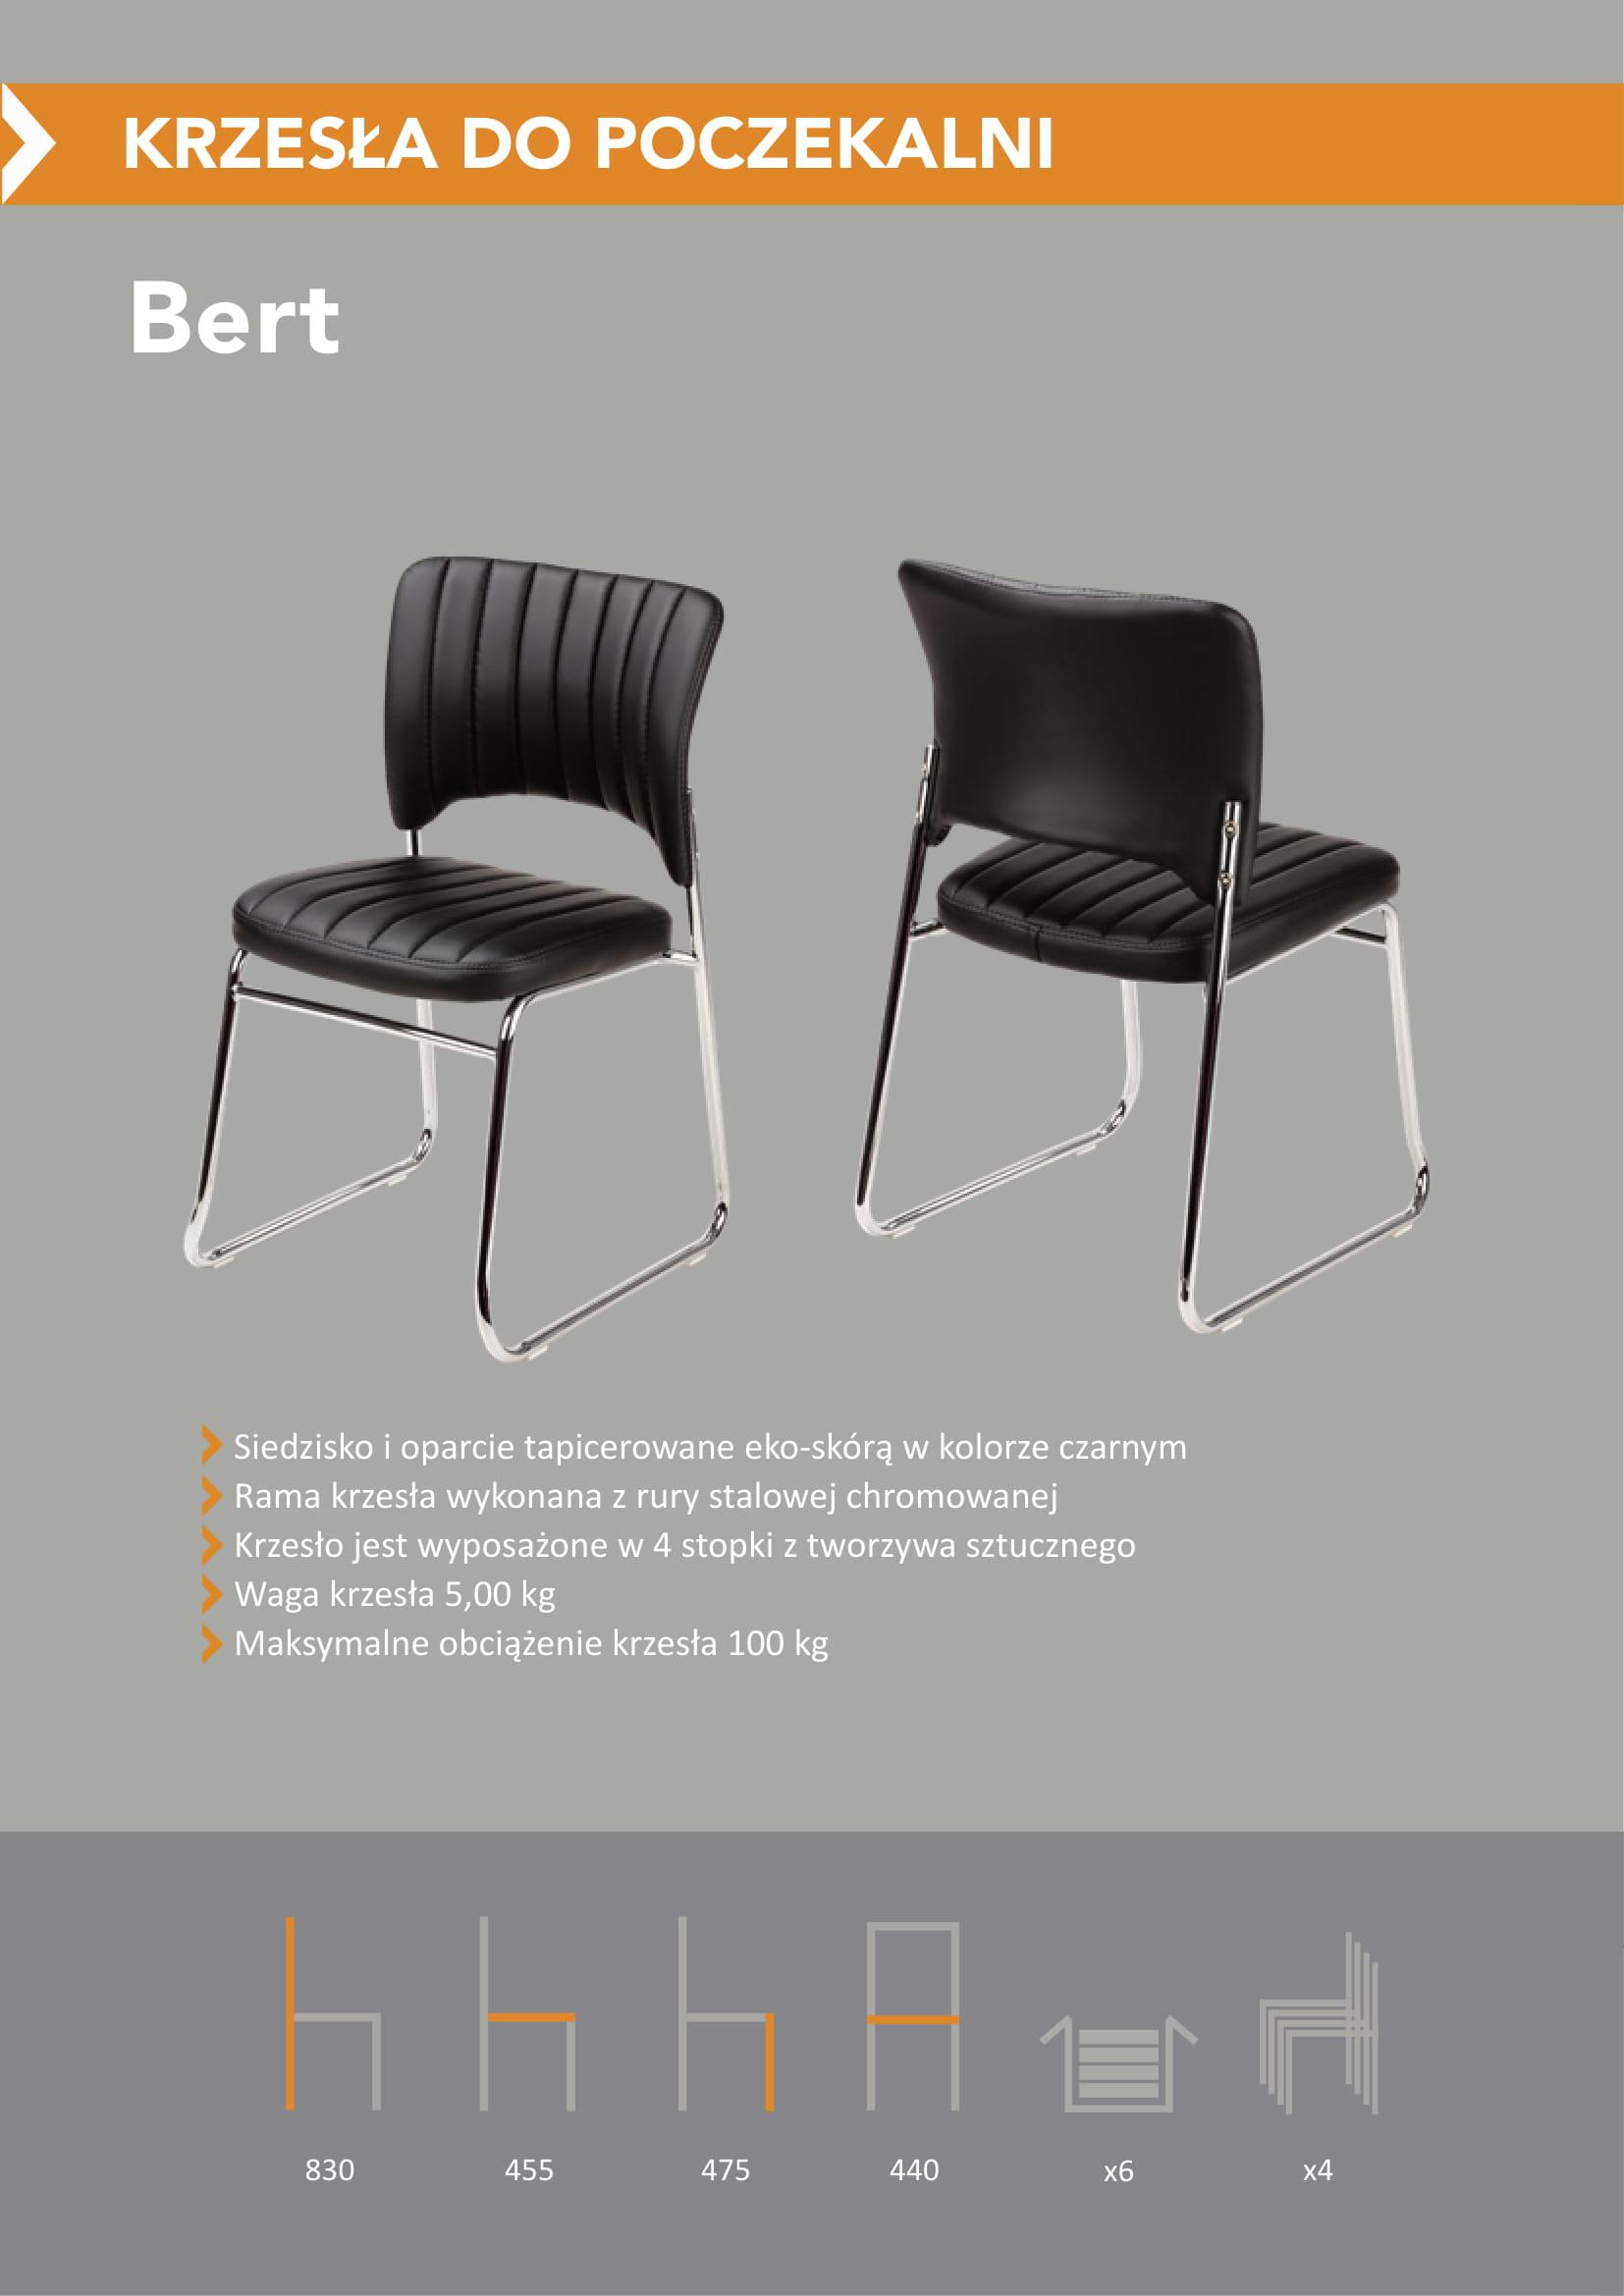 Krzesło stacjonarne do poczekalni